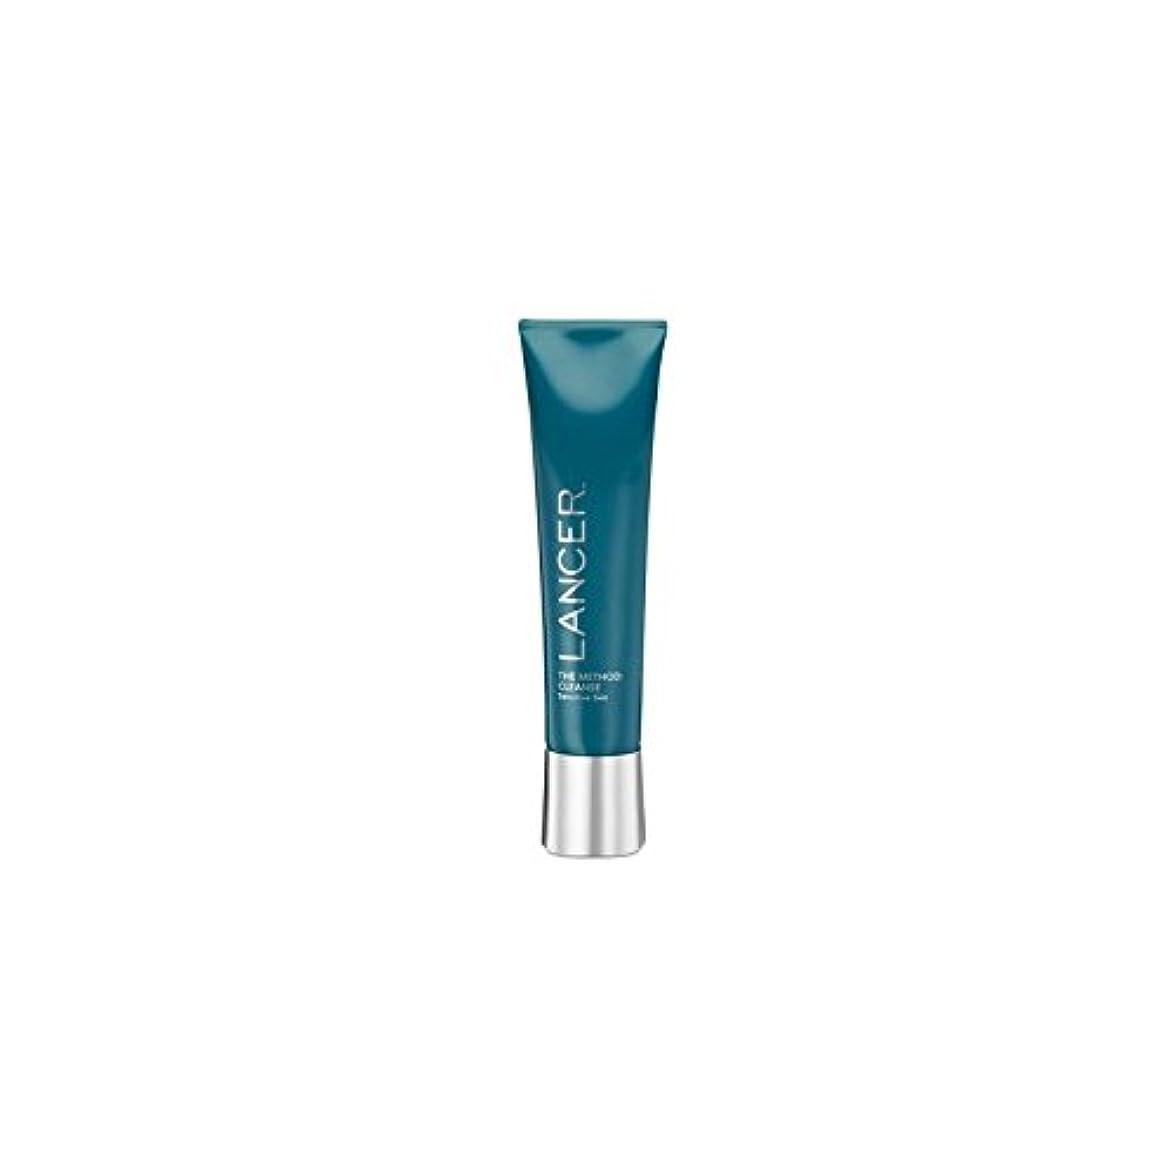 リーン正確な素晴らしいですLancer Skincare The Method: Cleanser Sensitive Skin (120ml) - クレンザー敏感肌(120ミリリットル):ランサーは、メソッドをスキンケア [並行輸入品]